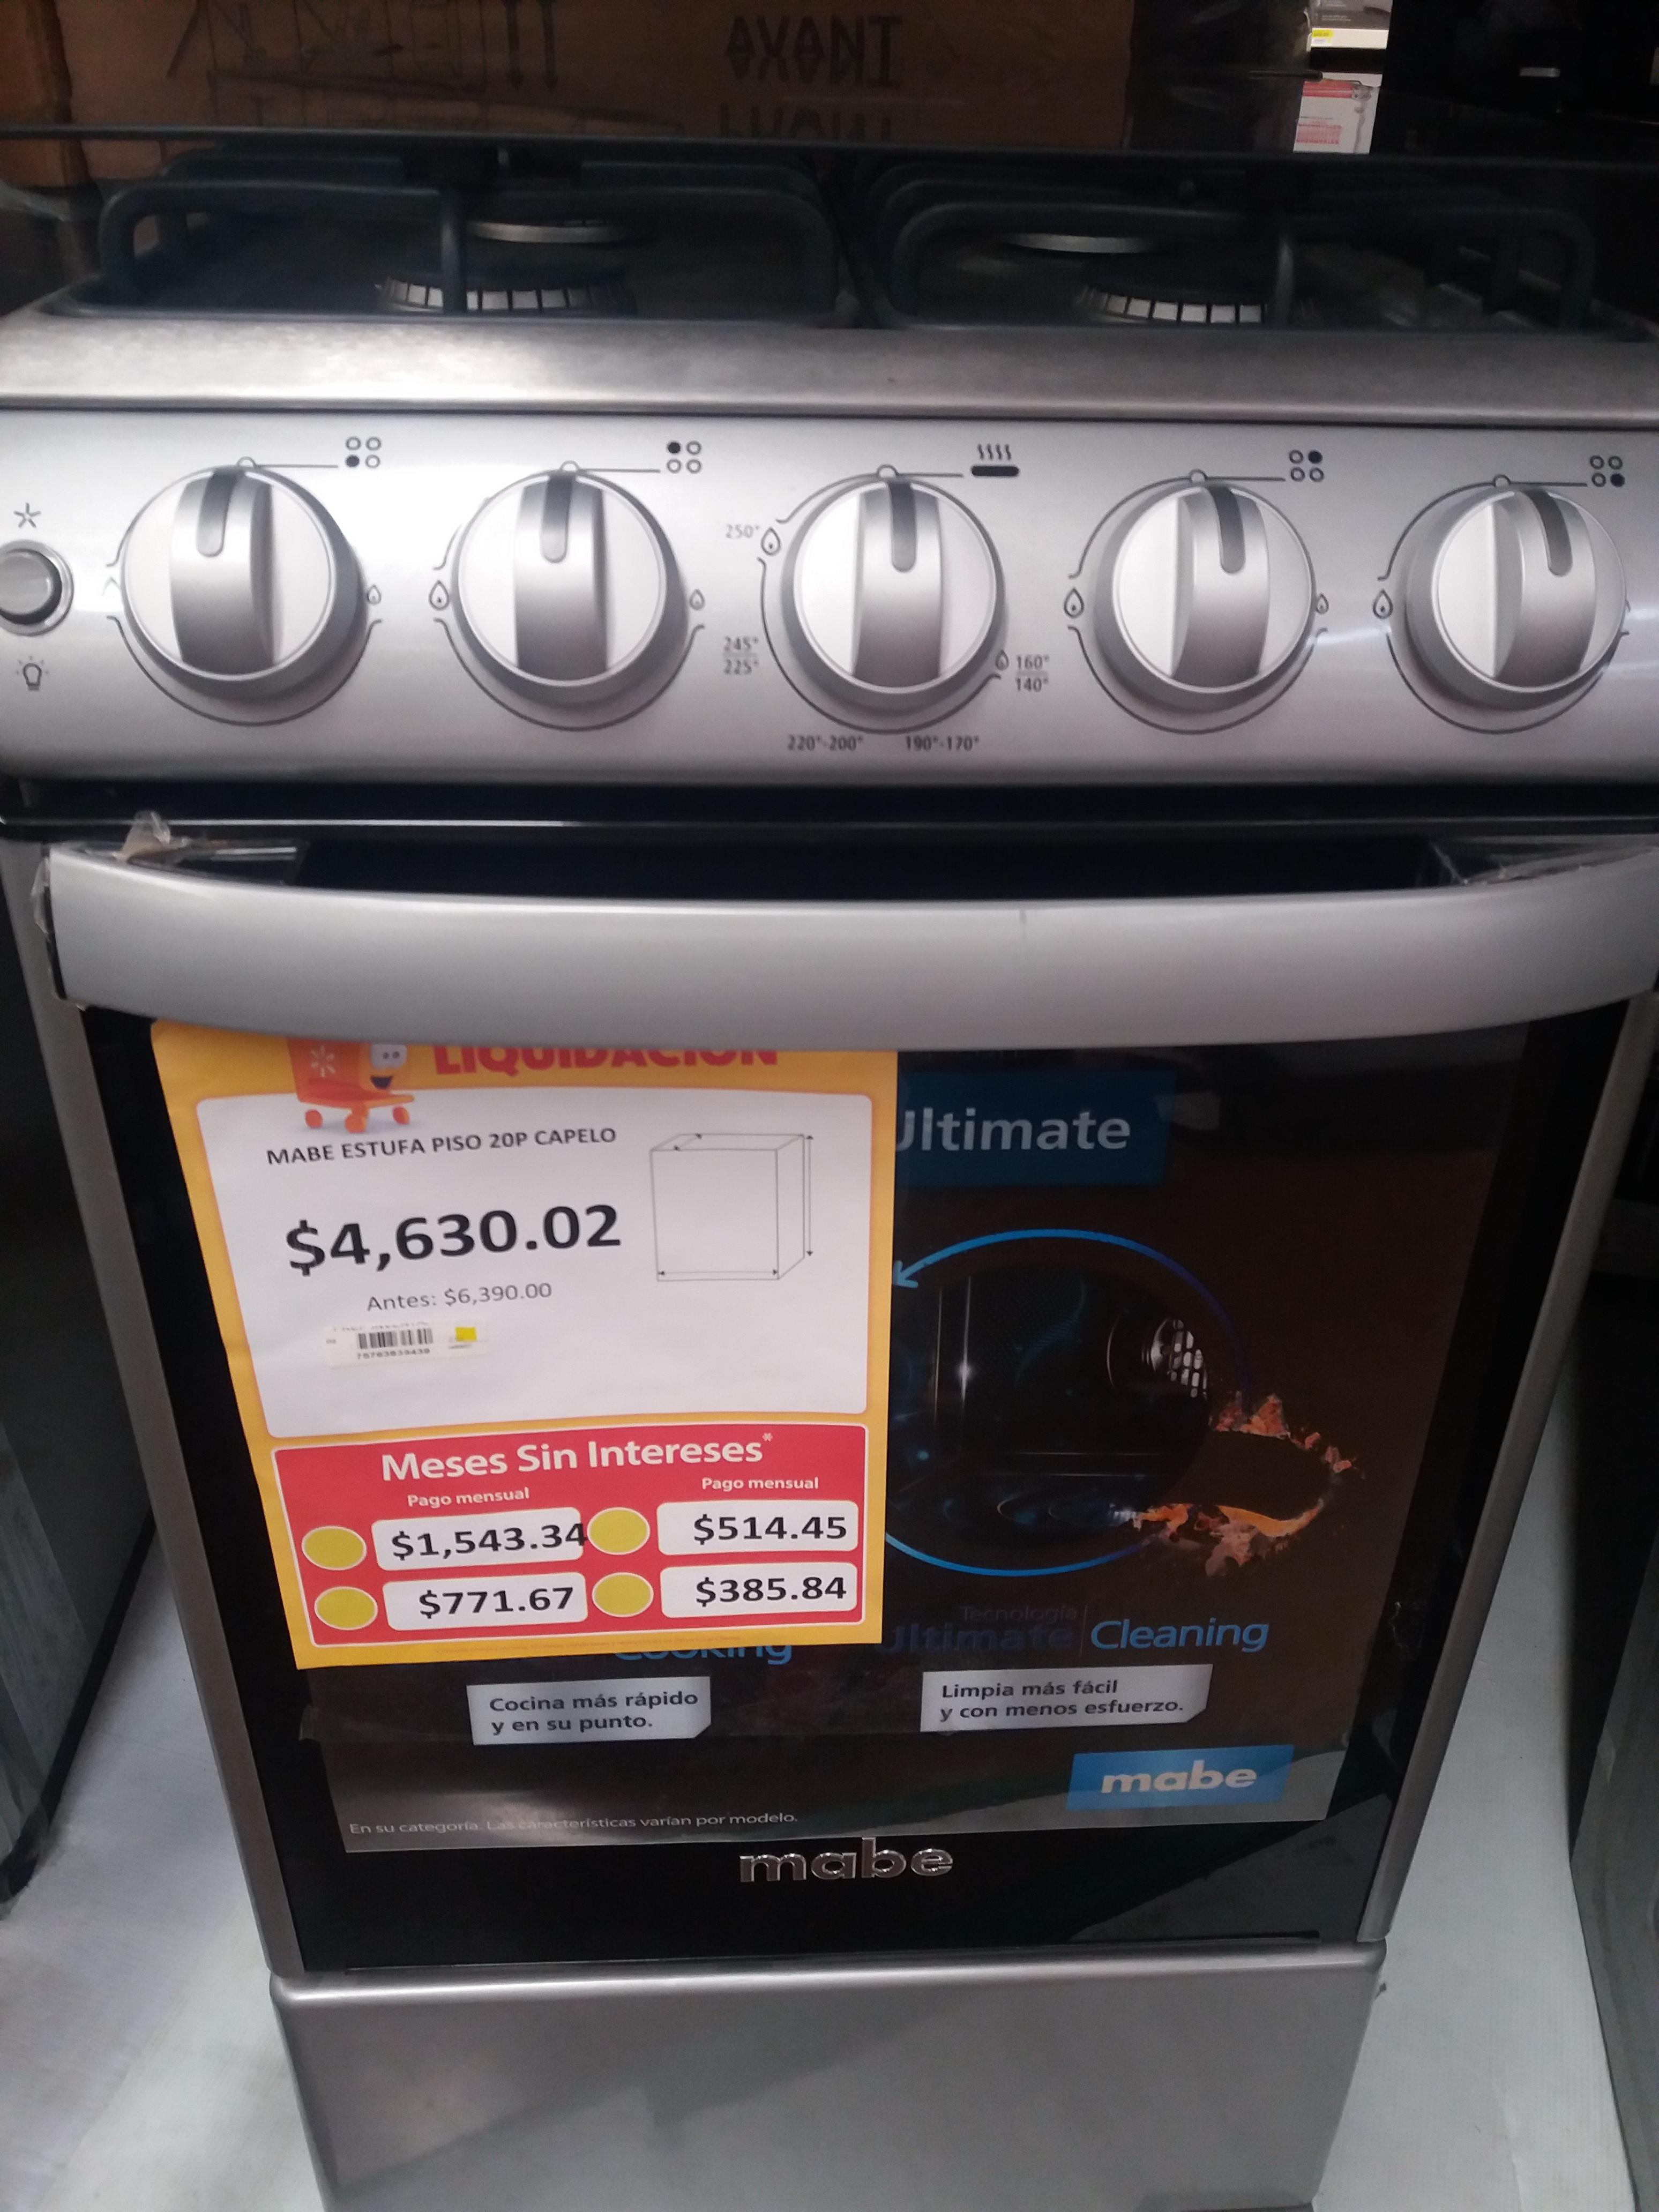 Walmart: Estufa mabe c/capelo y algunas etiquetas.